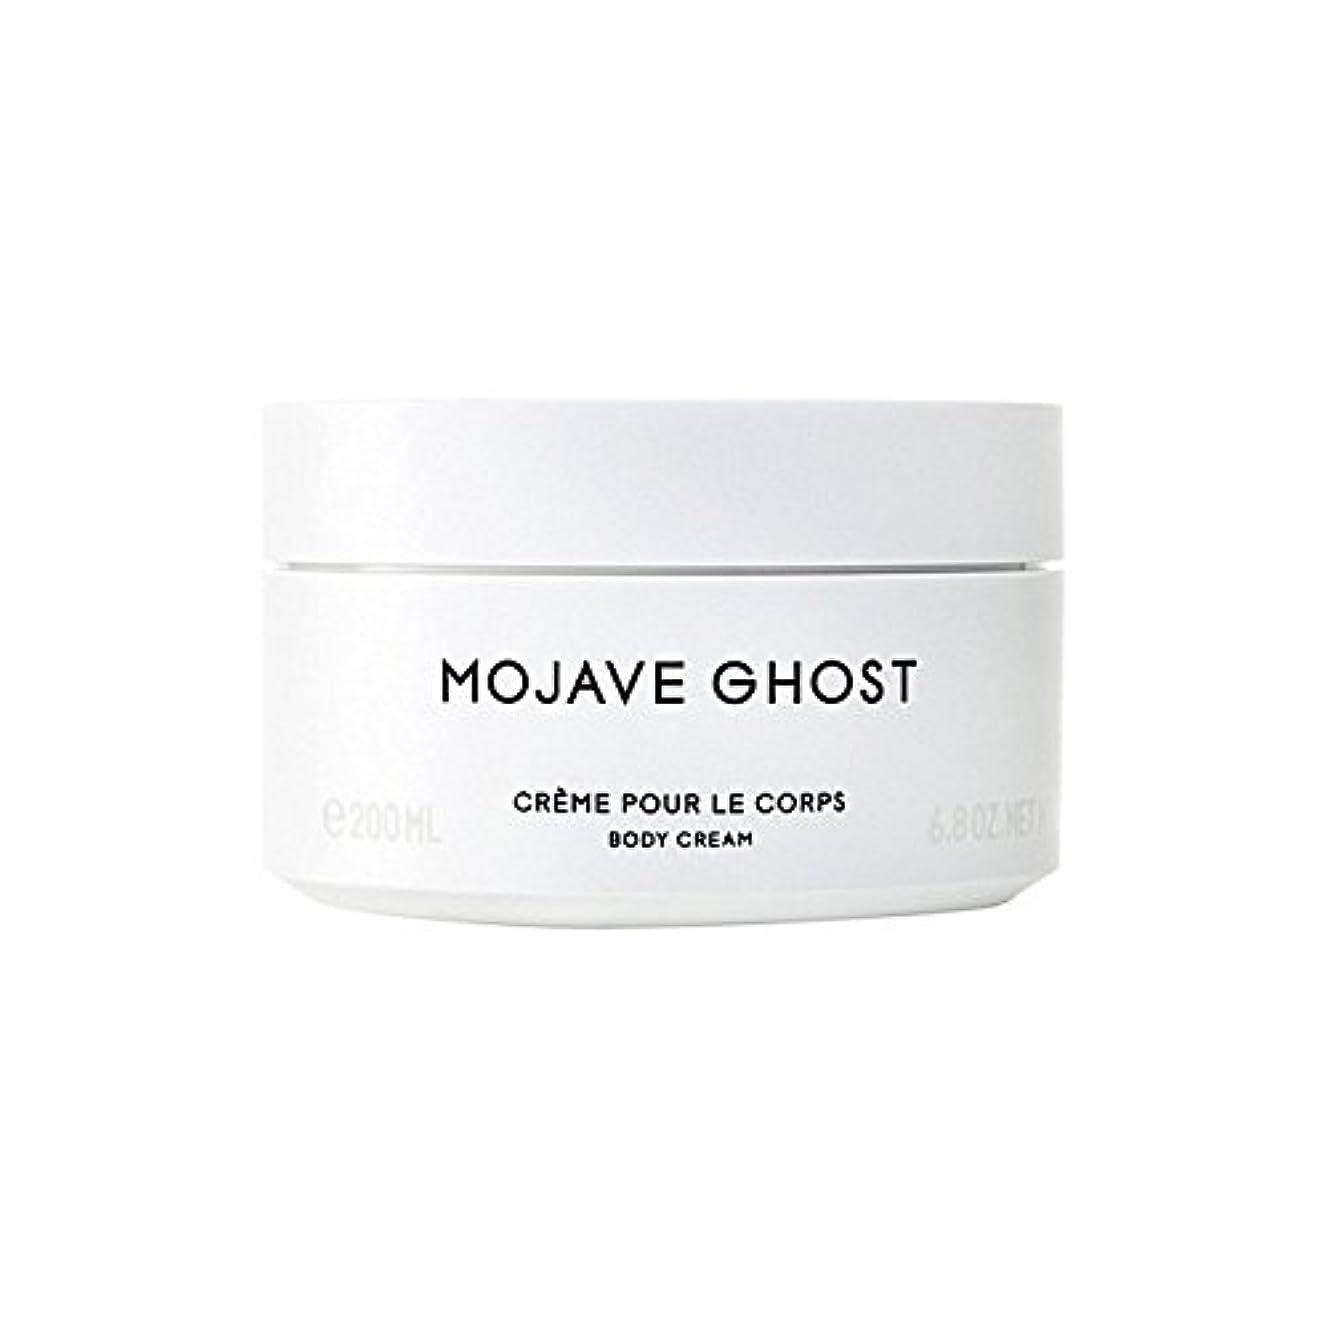 伸ばす繕う嘆くモハーベゴーストボディクリーム200ミリリットル x4 - Byredo Mojave Ghost Body Cream 200ml (Pack of 4) [並行輸入品]